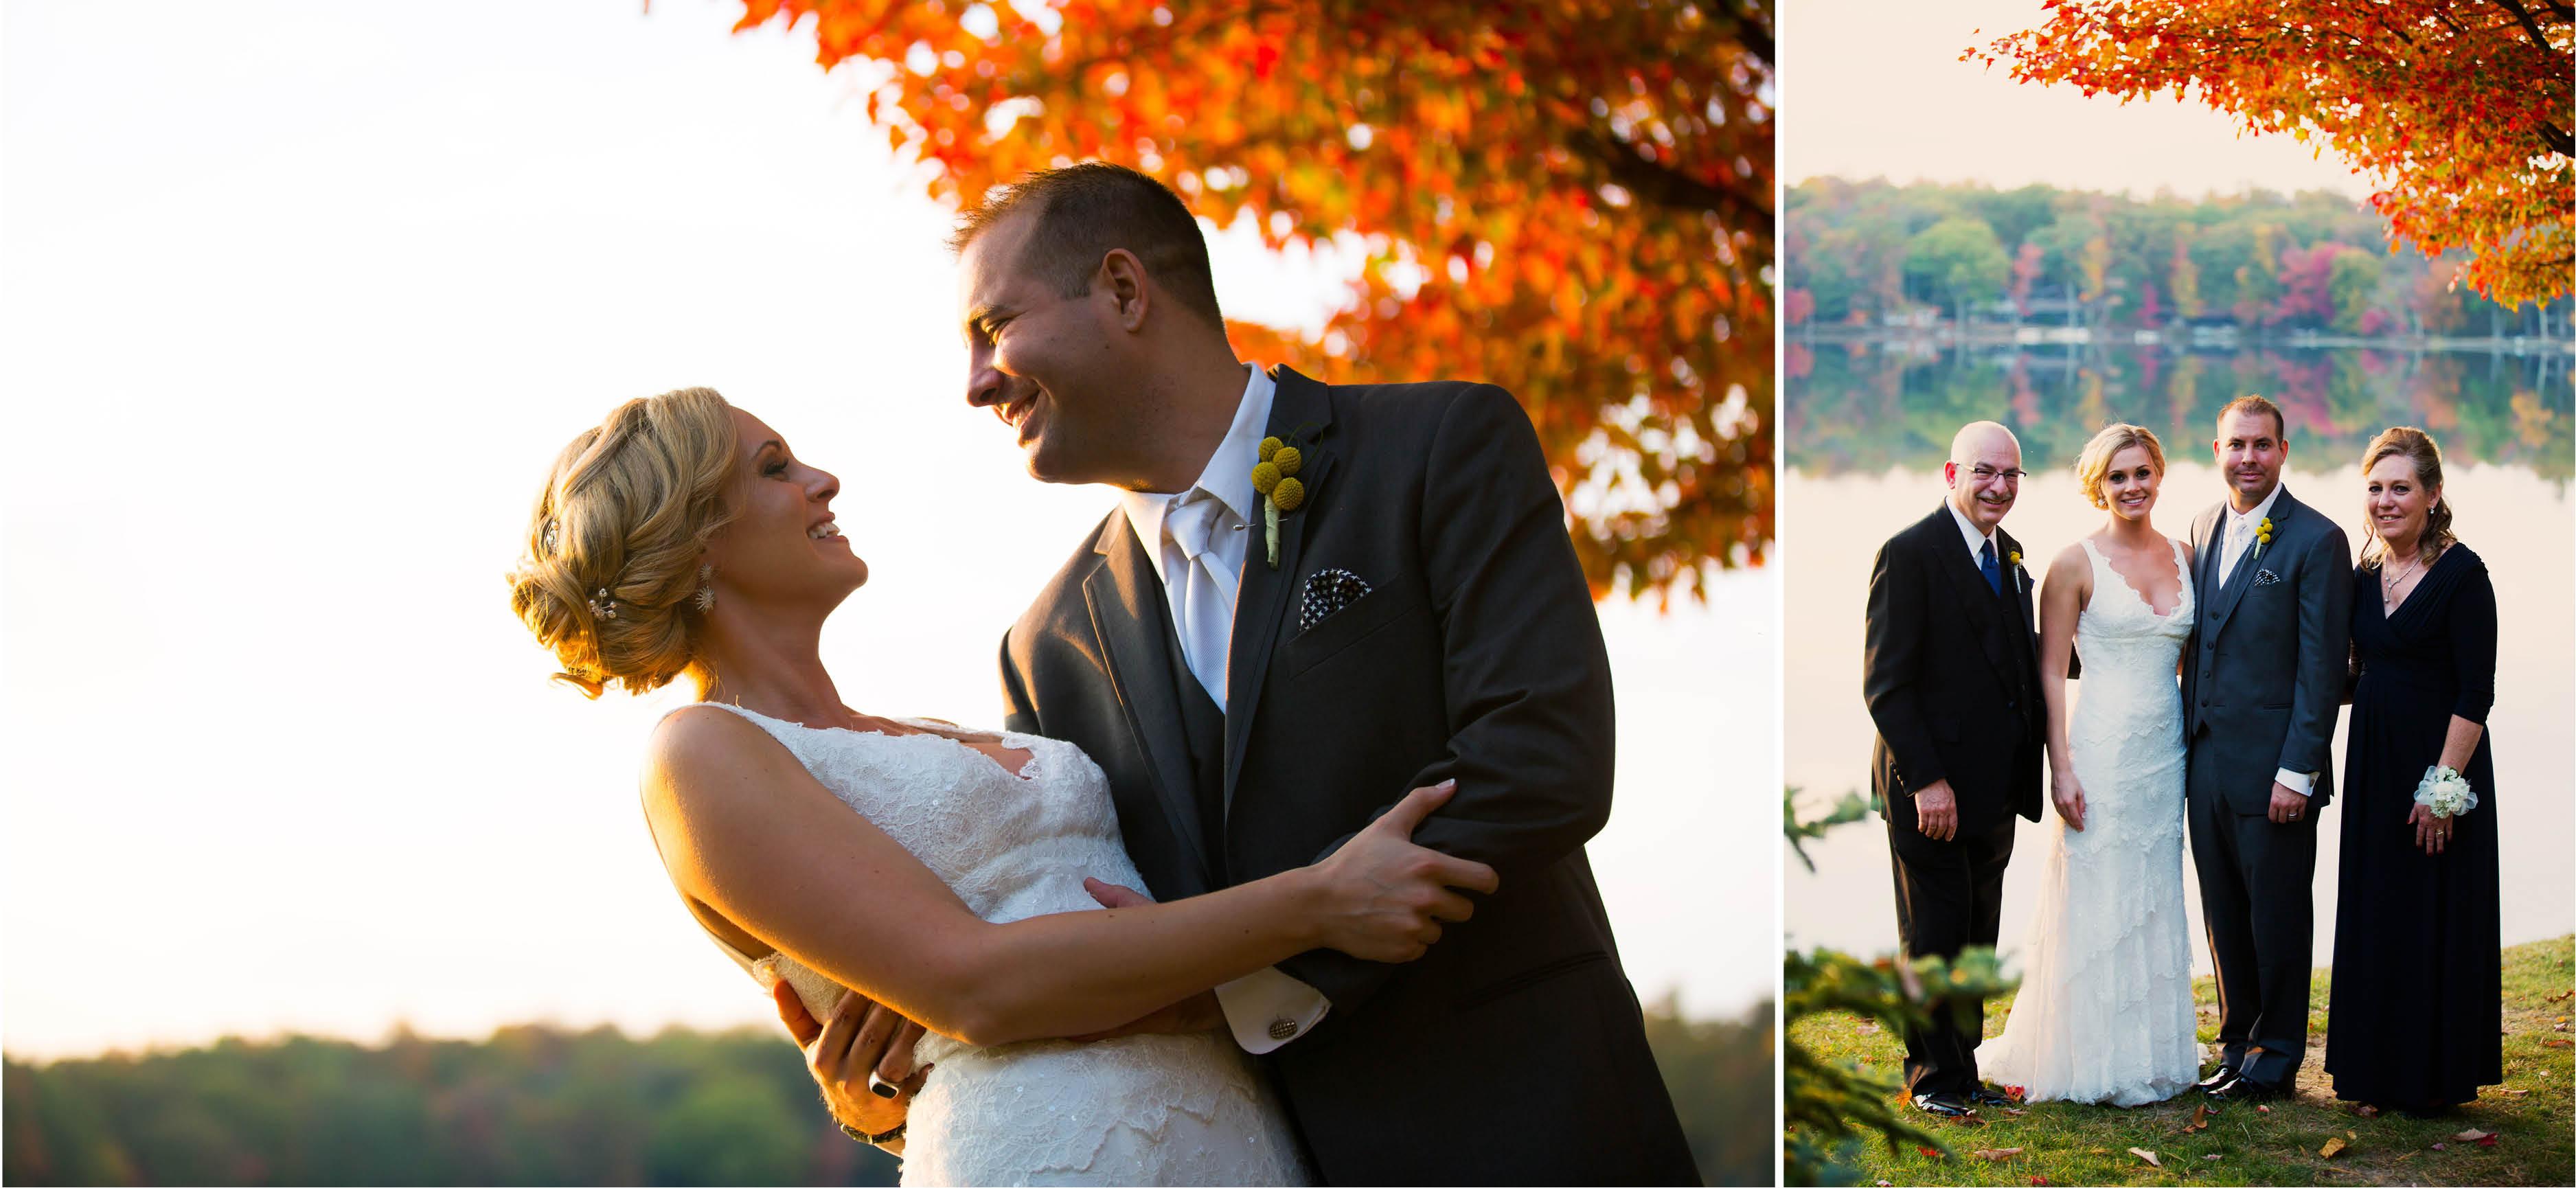 woodloch wedding21